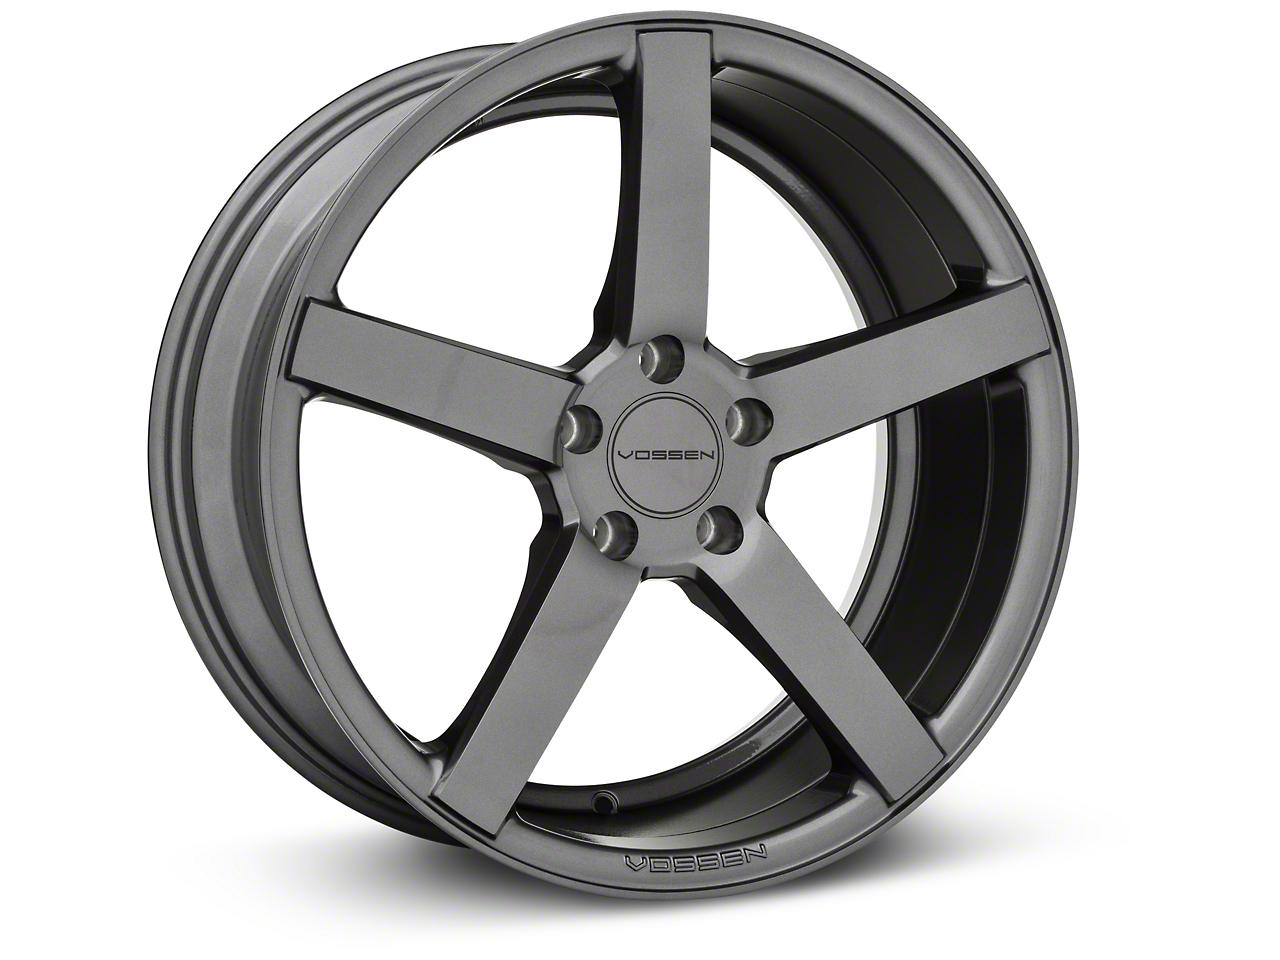 Vossen CV3 Matte Graphite Wheel - 19x8.5 (05-14 All)